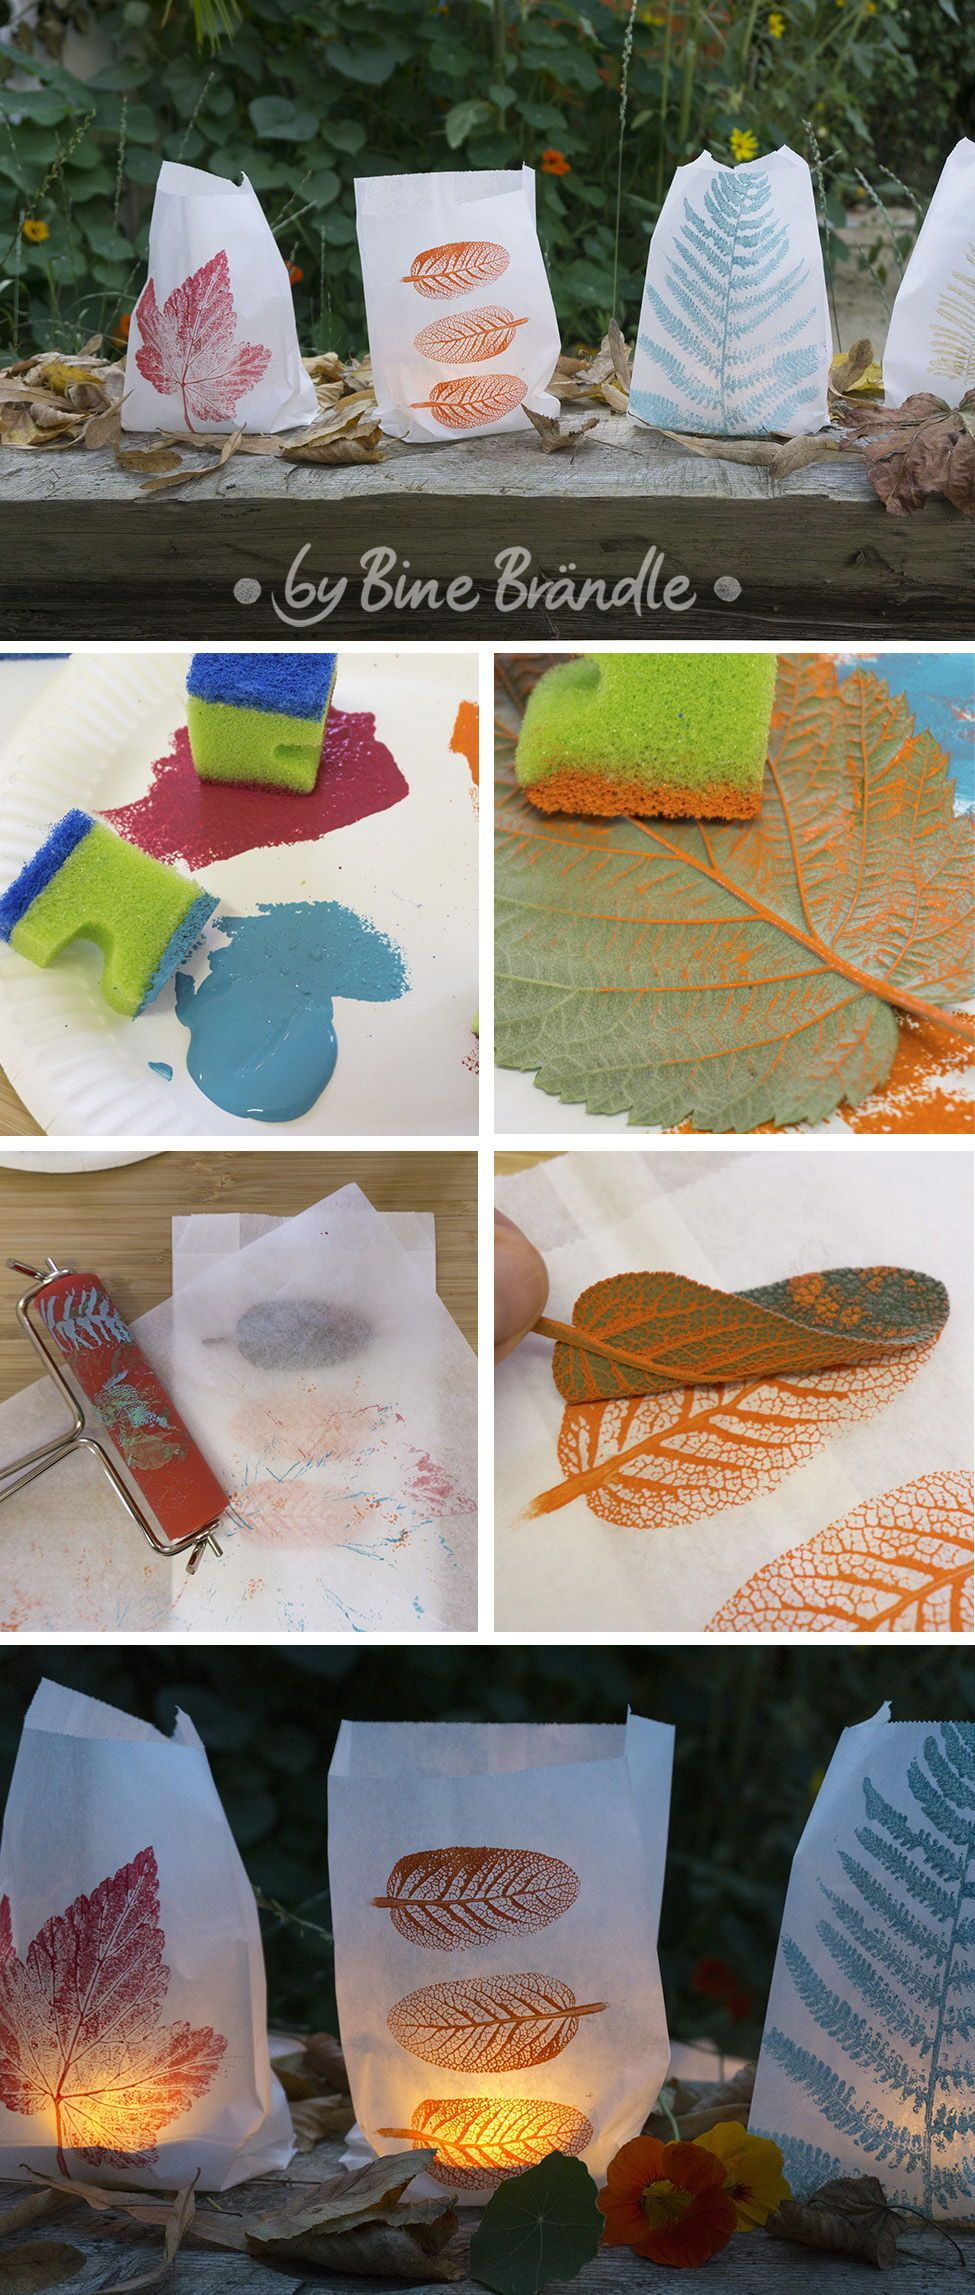 Windlichter selber basteln aus Papiertüten und gesammelten Blätter mit schönen Herbstmotiven und tollen bunten Farben. Eine super Bastelidee für Kinder und eine wunderschöne Dekoration. Idee und Foto aus Bine Brändles Büchern #kastanienbastelnkinder